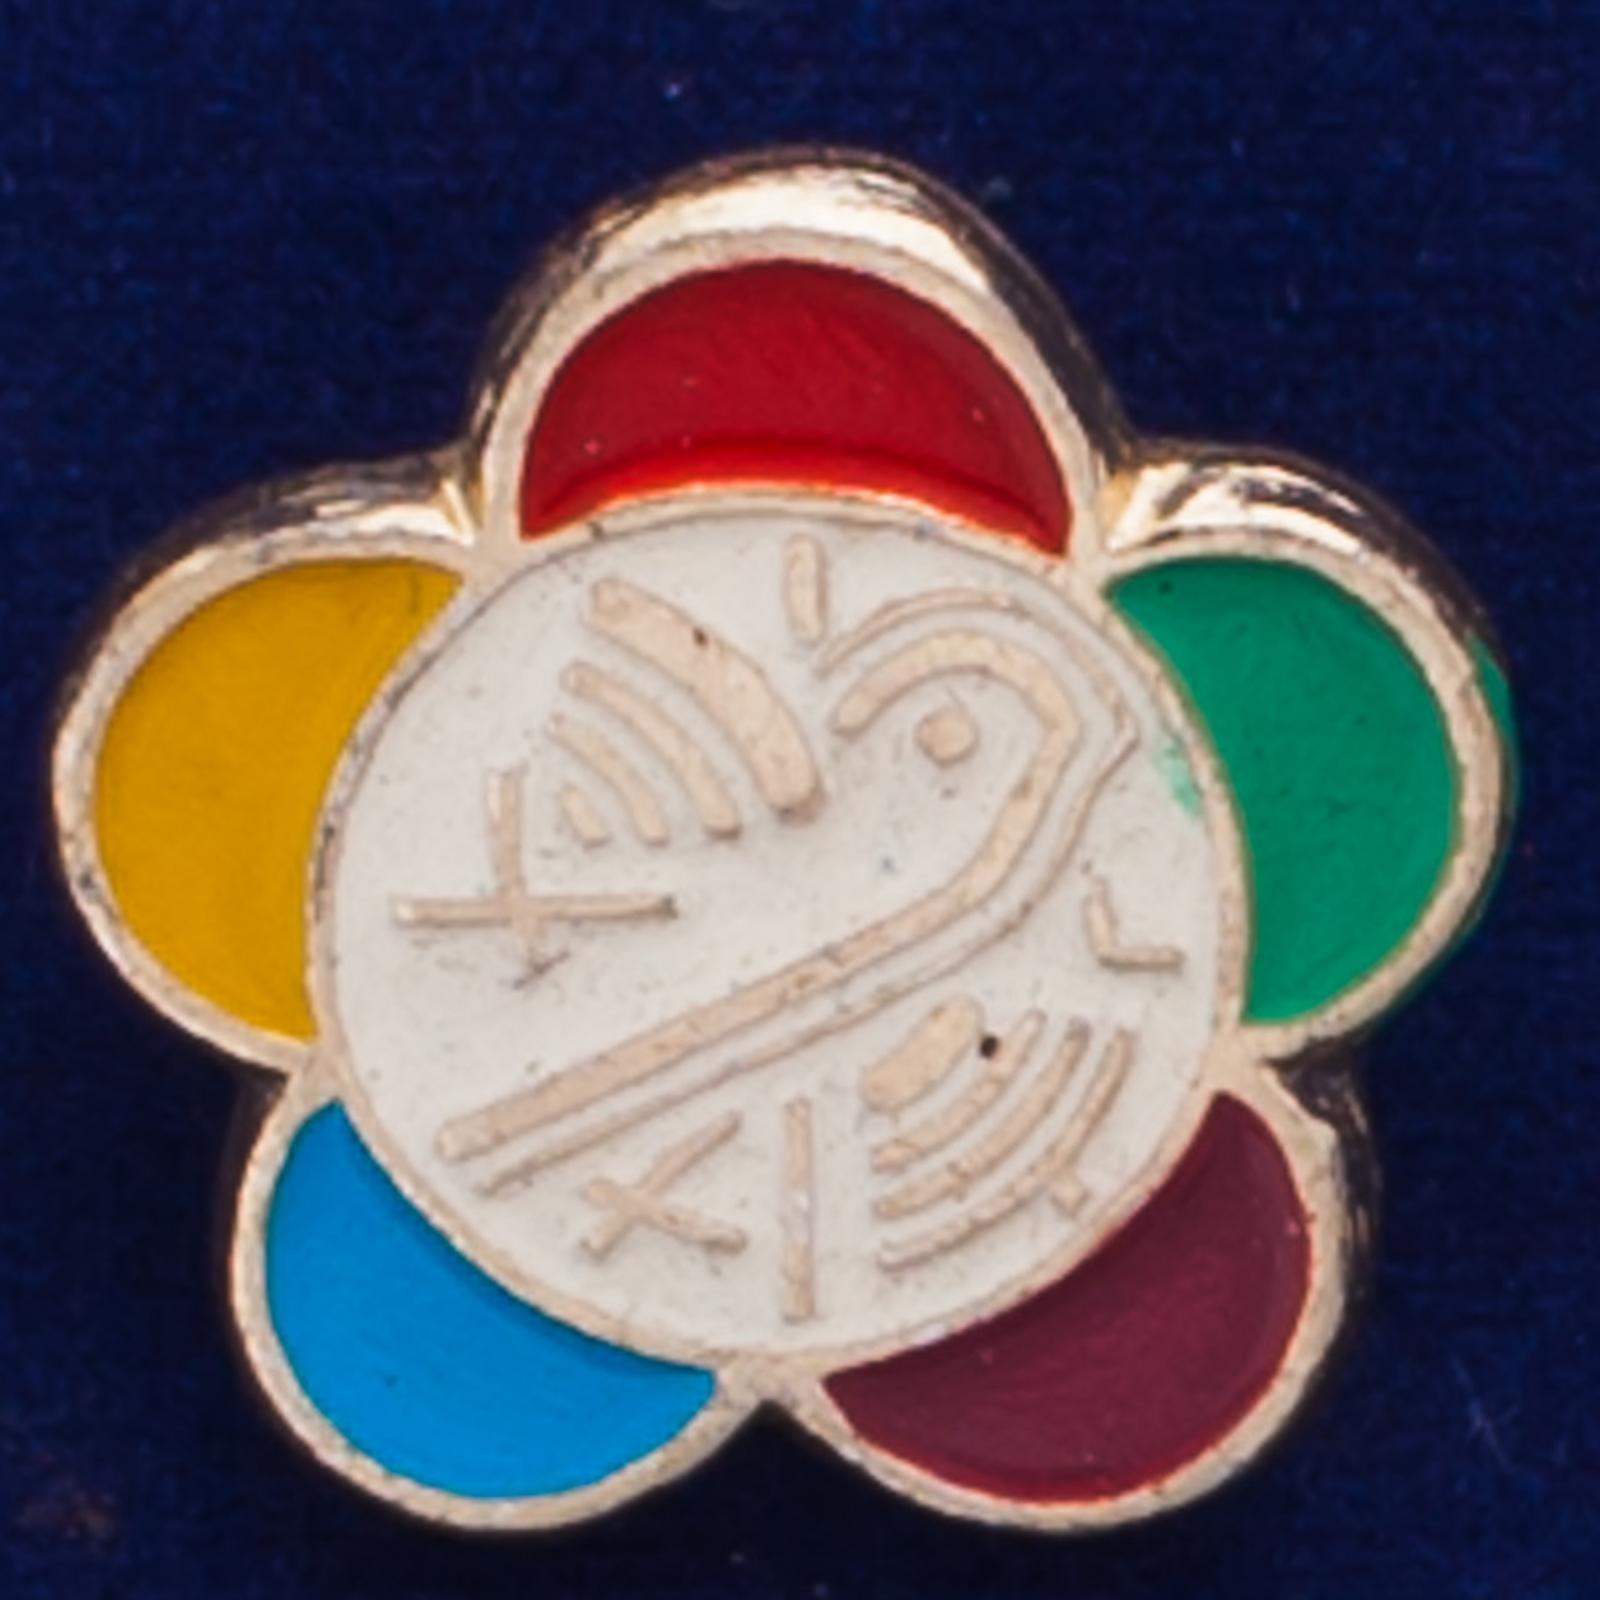 Значок Всемирного Фестиваля студентов 1985